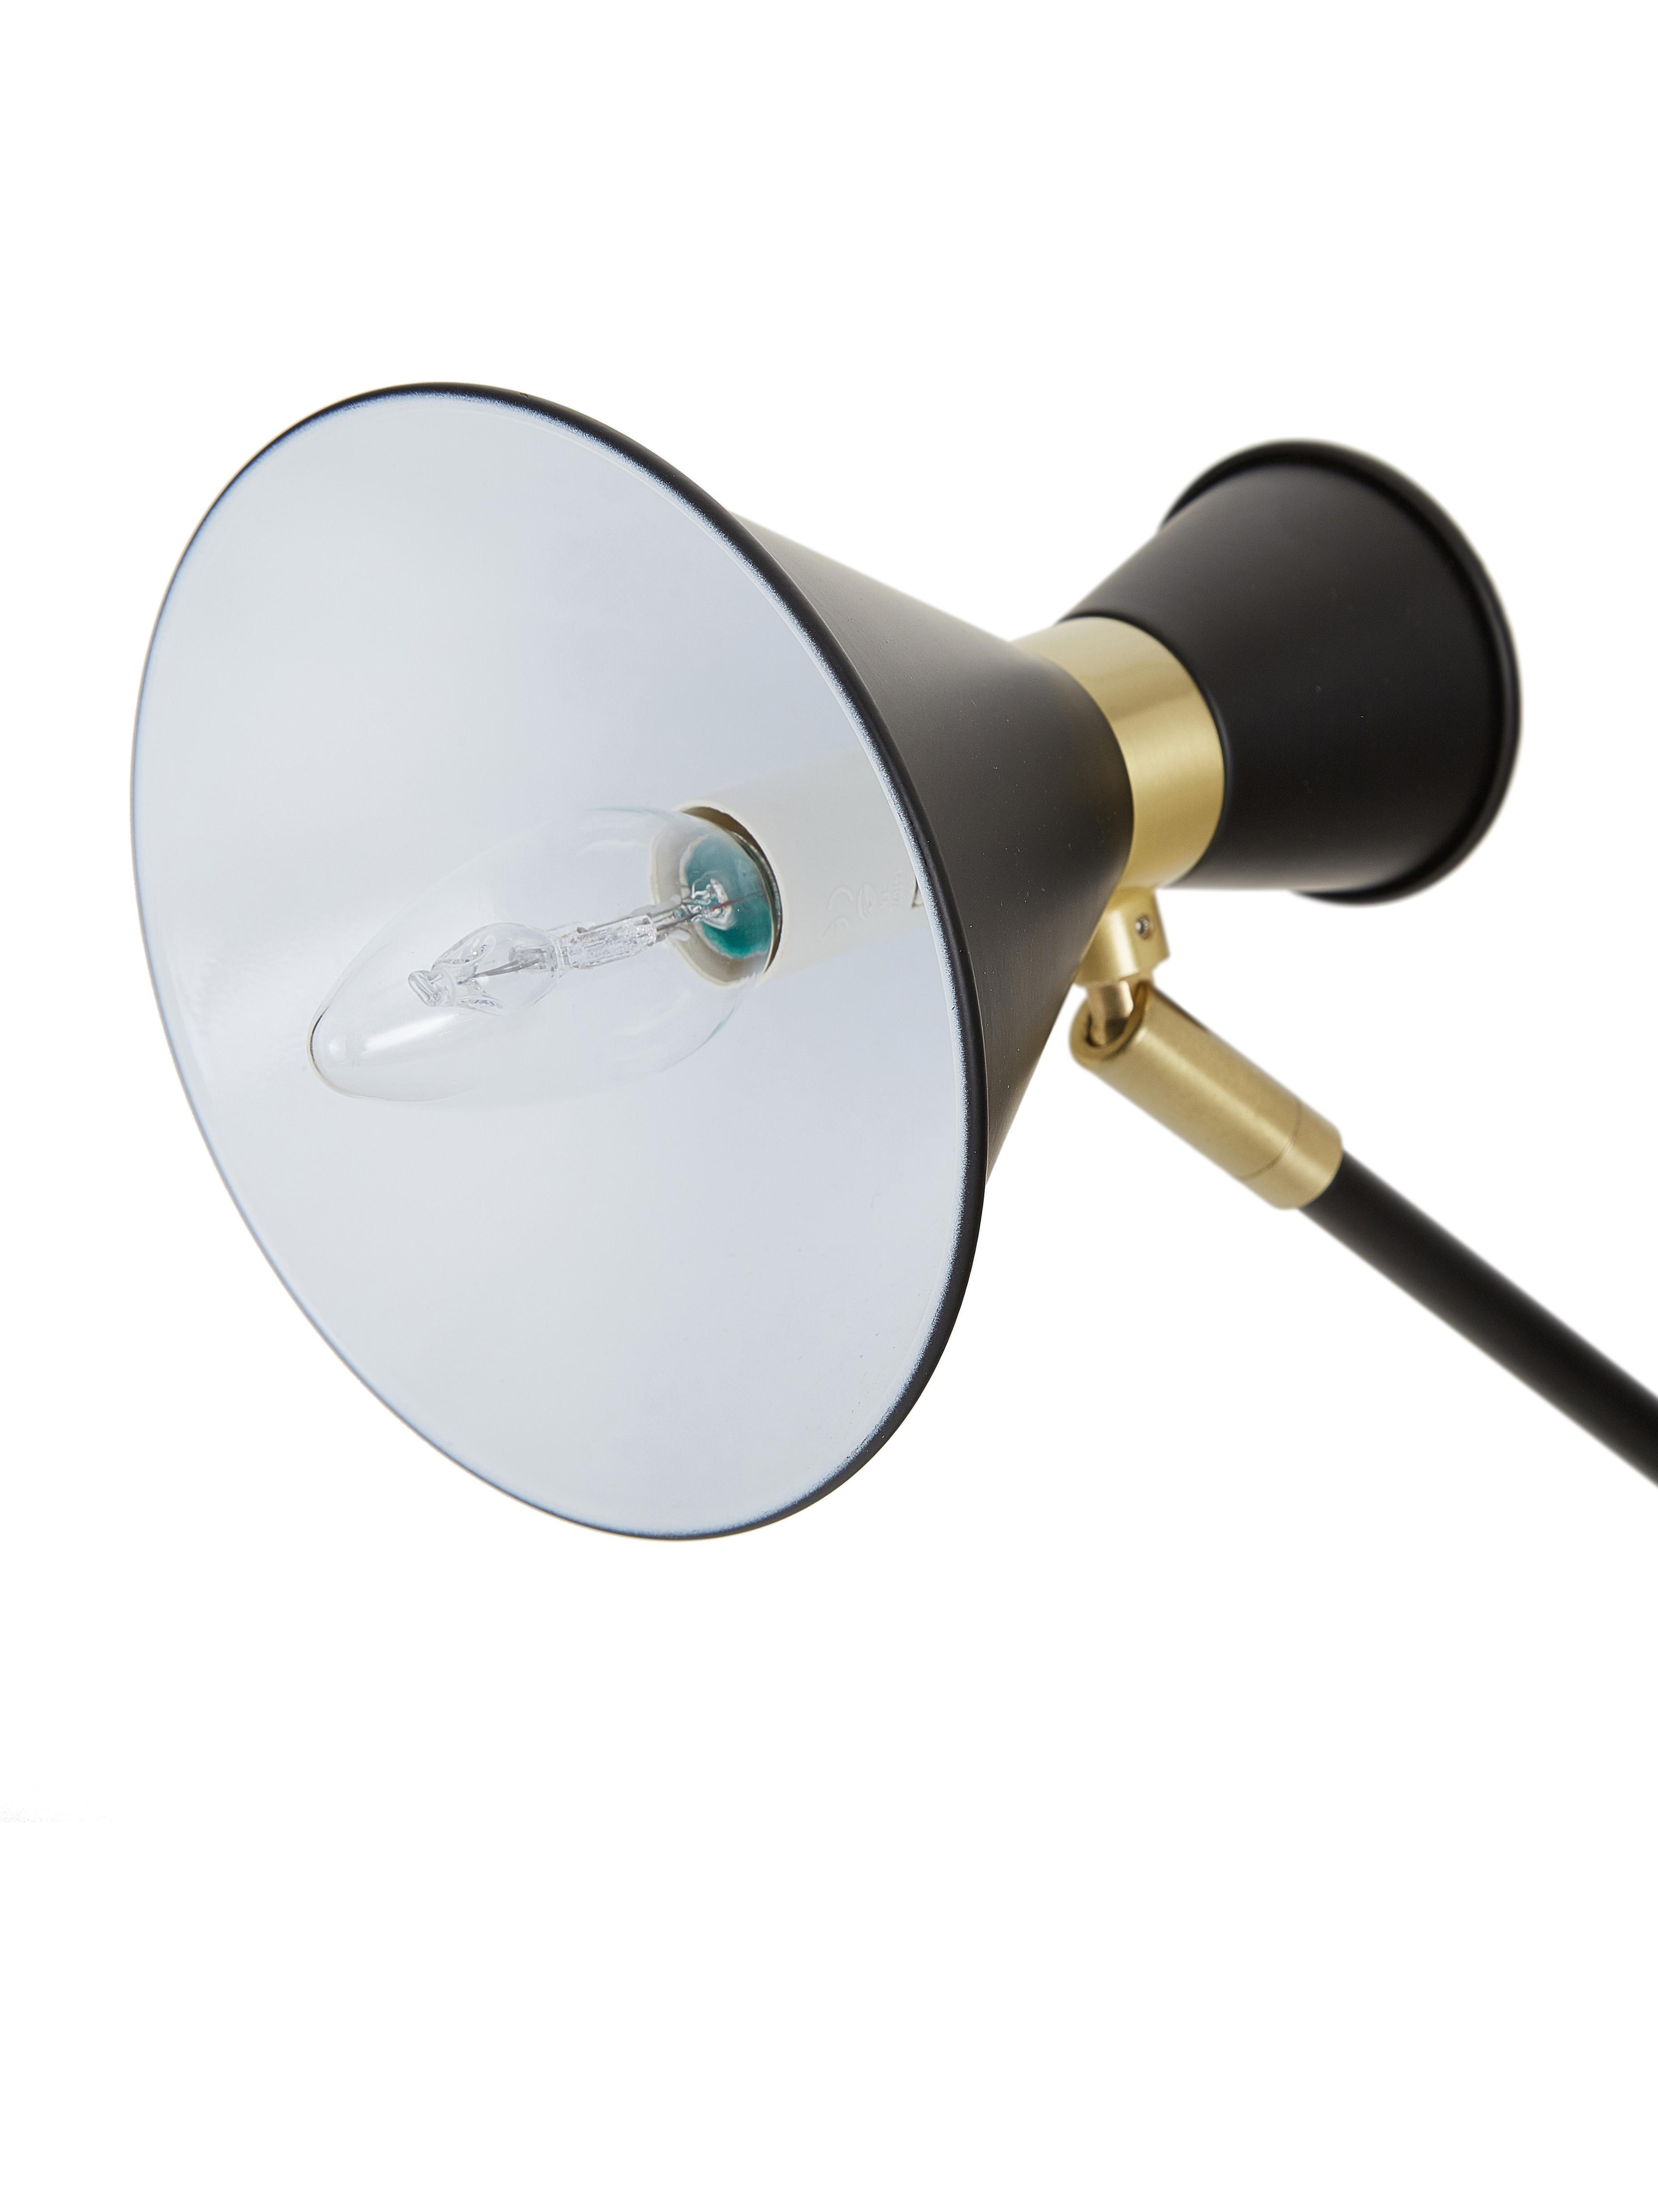 Schreibtischlampe Audrey mit Gold-Dekor, Lampenschirm: Metall, pulverbeschichtet, Dekor: Metall, vermessingt, Lampenfuß: Metall, pulverbeschichtet, Mattschwarz, ∅ 15 x H 68 cm